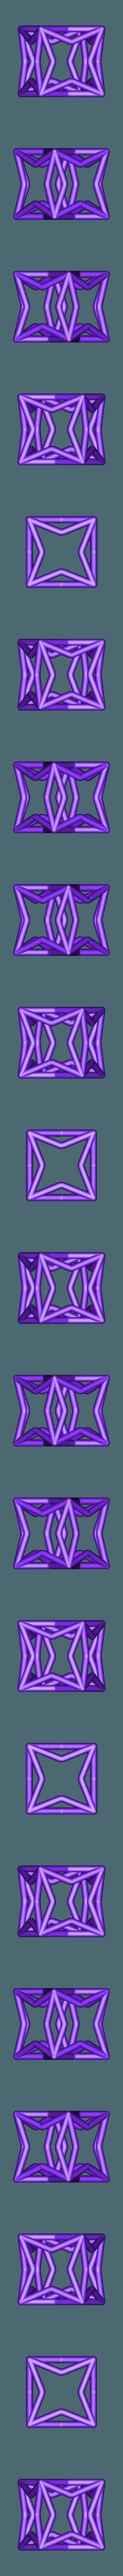 A1_6.STL Télécharger fichier STL gratuit Cellules de l'unité auxiliaire • Objet imprimable en 3D, sjpiper145